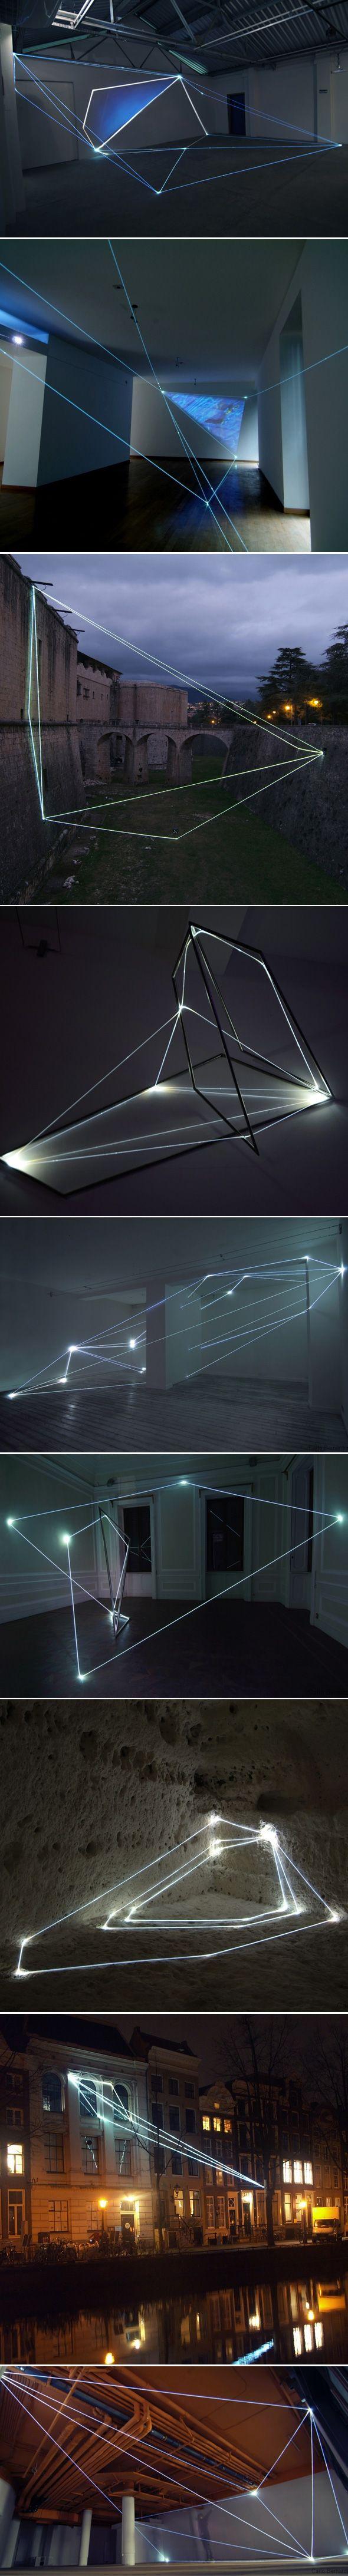 Installations en fibre optique par Carlo Bernardini